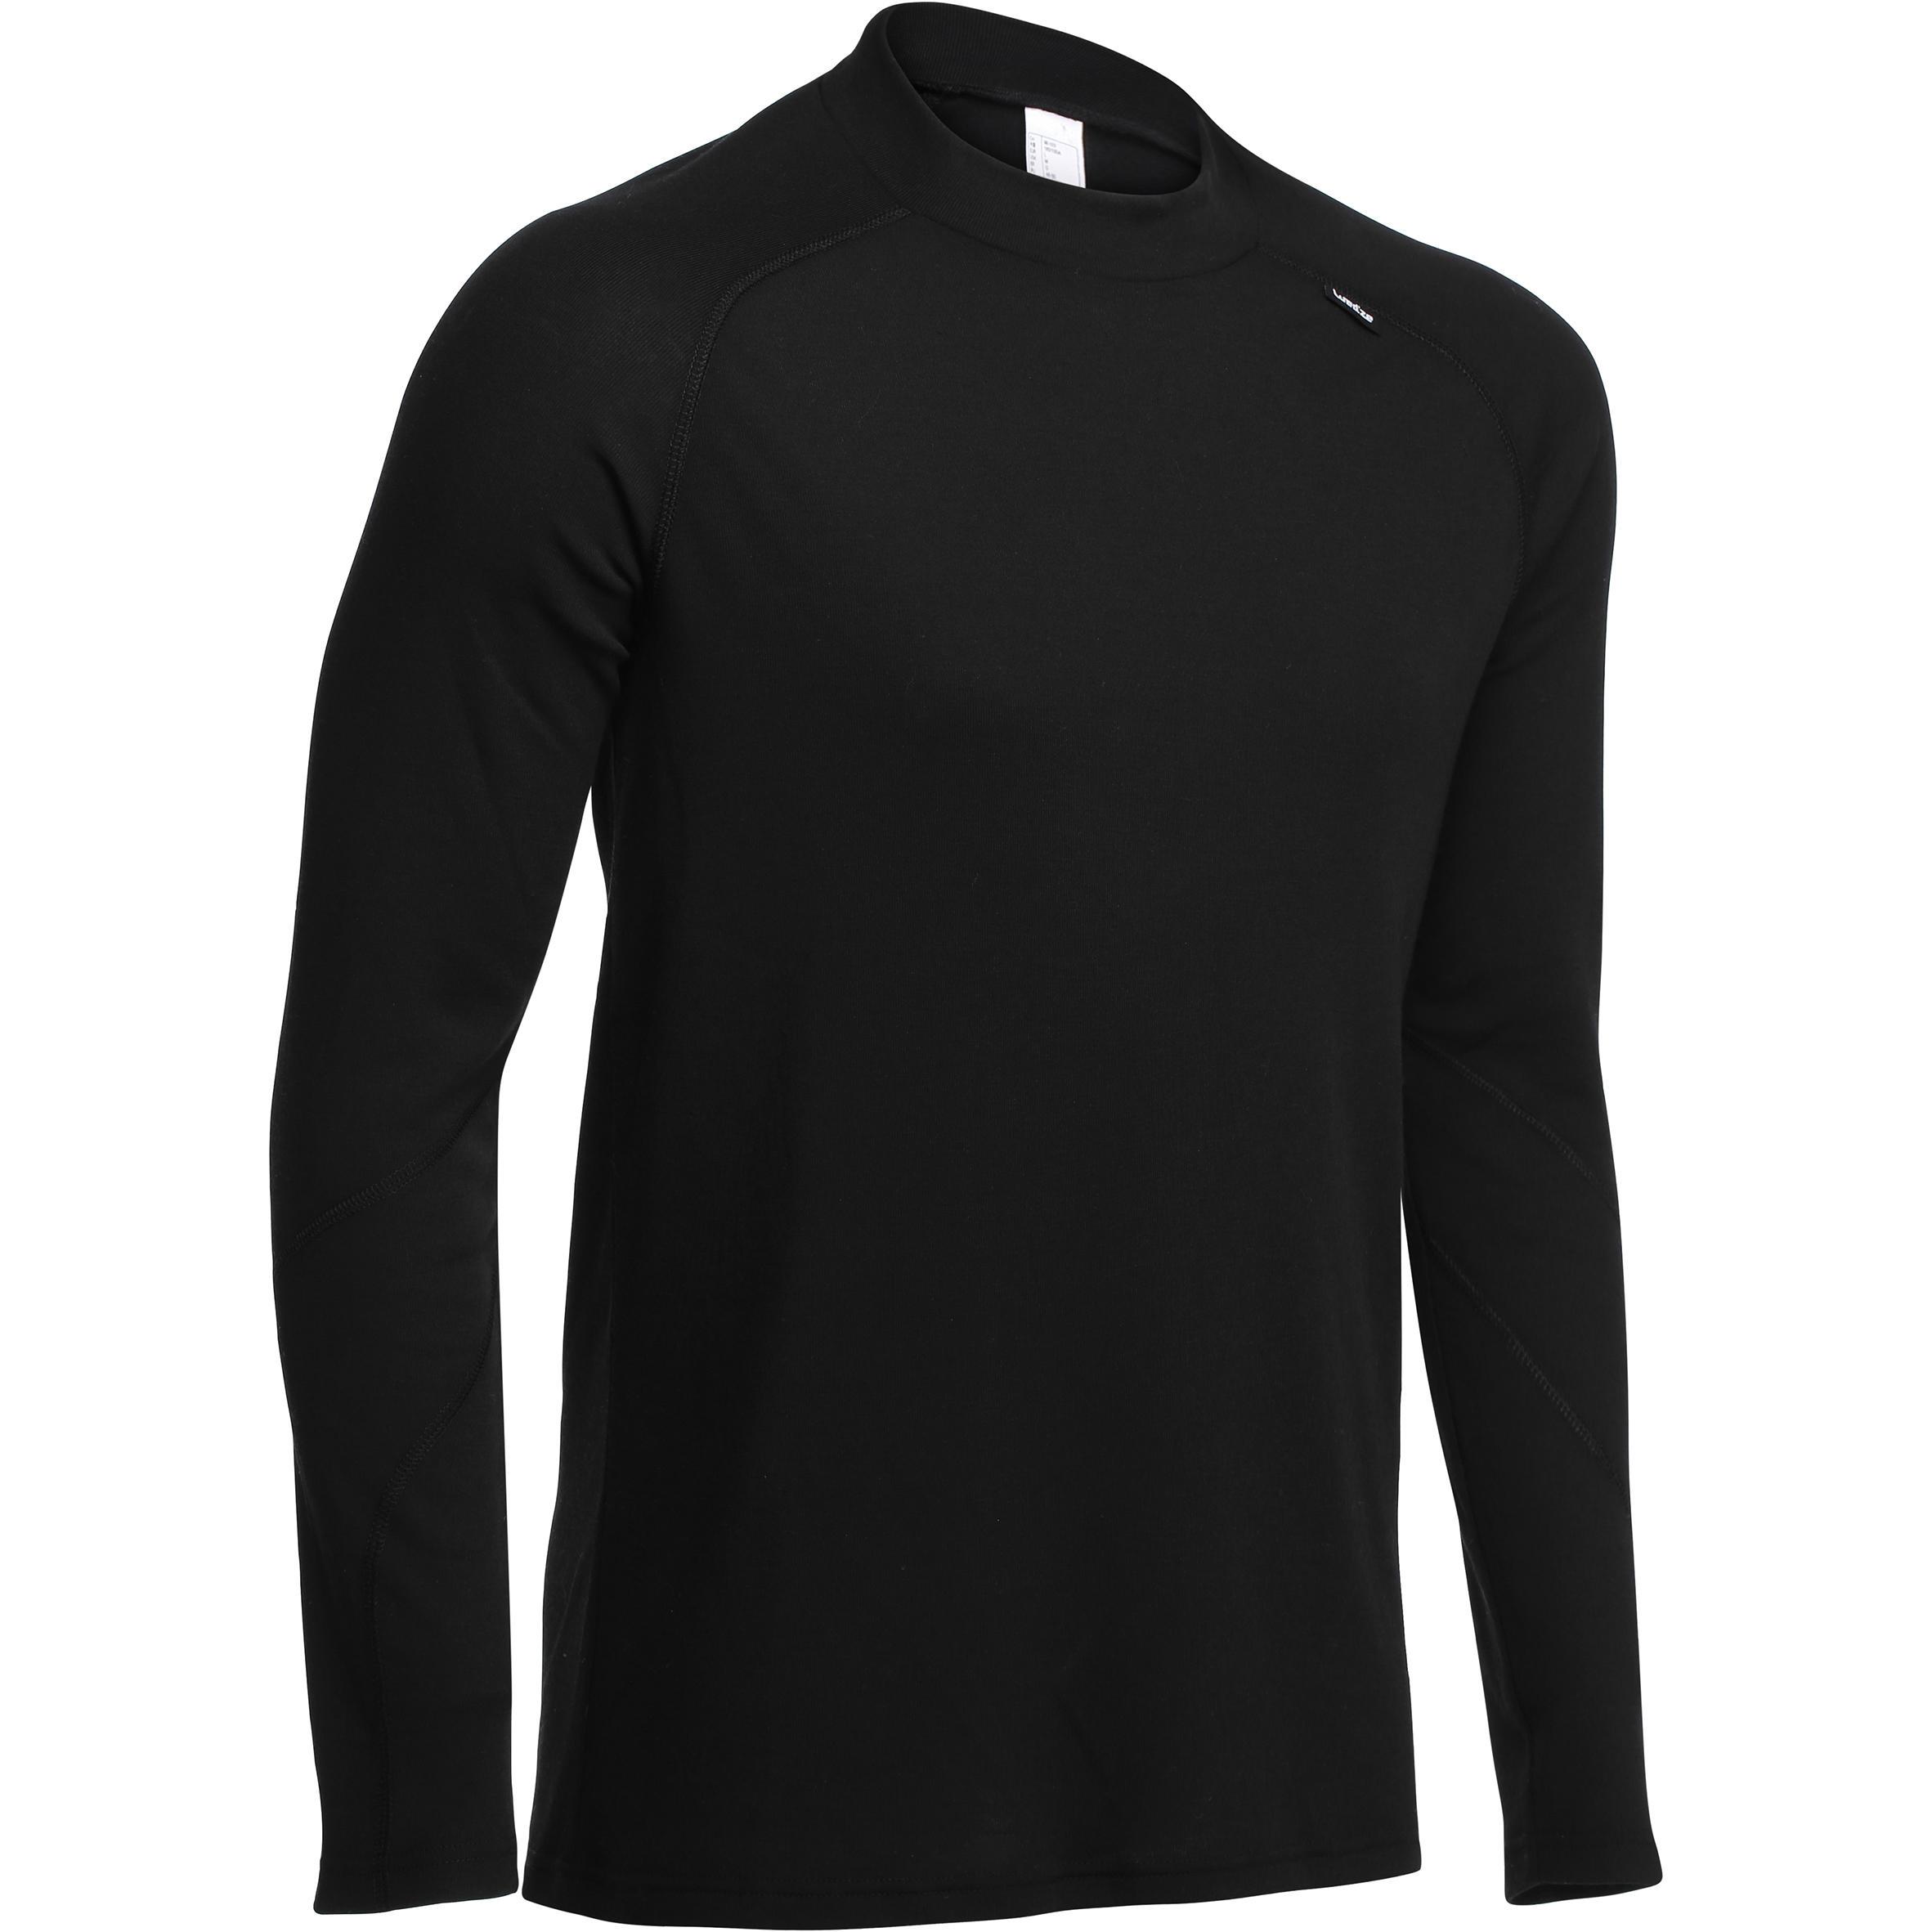 Skiunterwäsche Funktionsshirt 100 Herren schwarz | Sportbekleidung > Funktionswäsche > Thermounterwäsche | Schwarz | Wed´ze